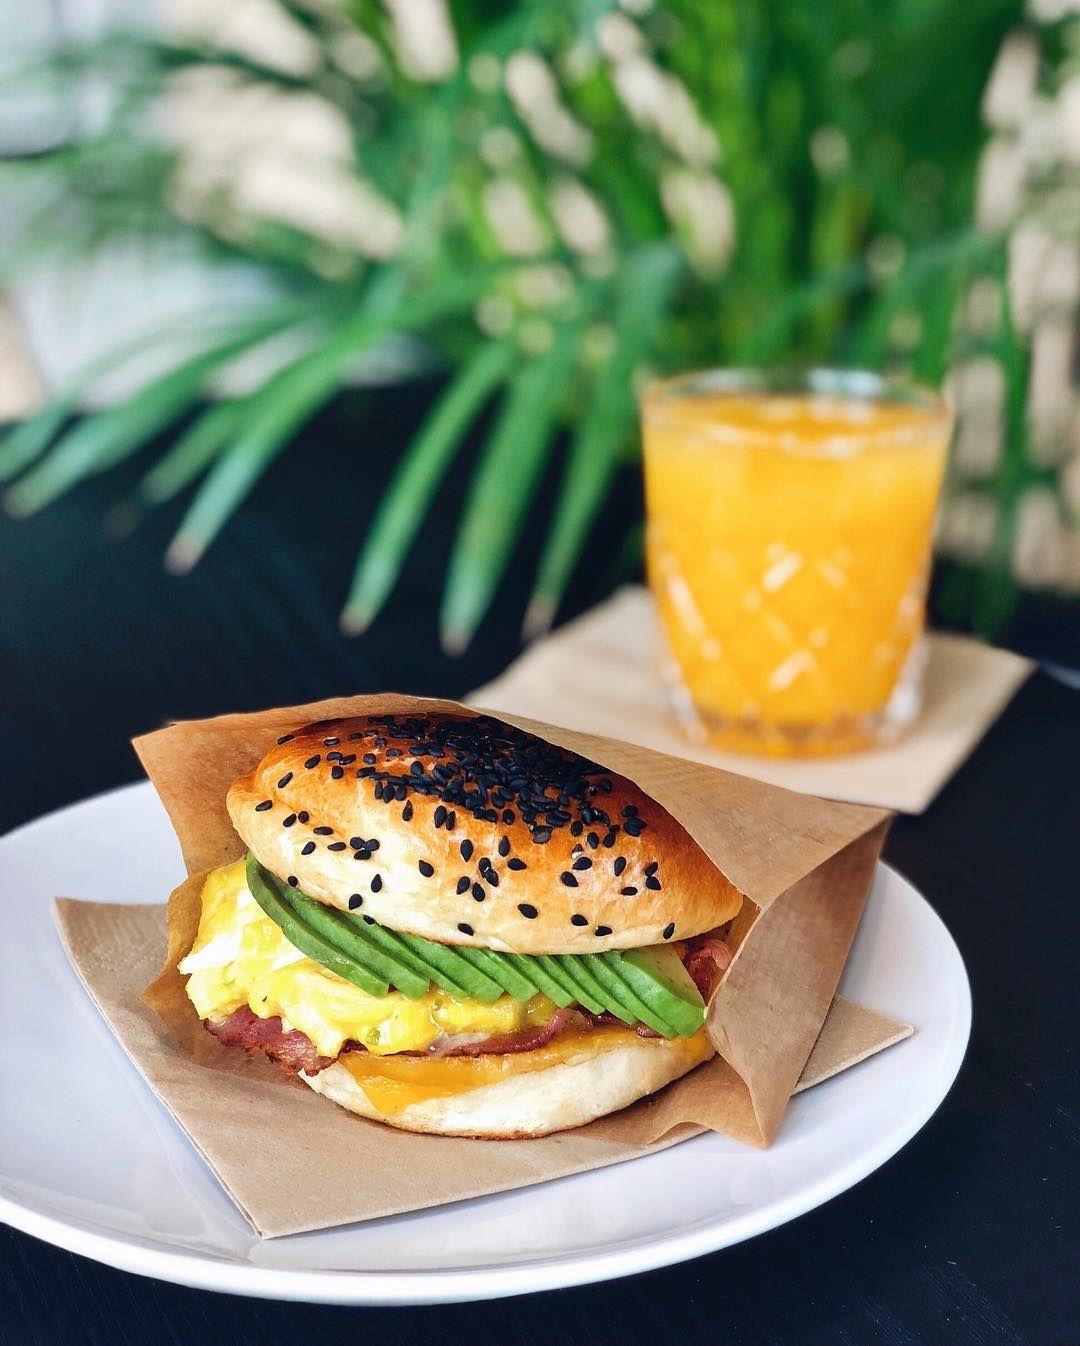 Našli sme burger, ktorý sa podáva na raňajky. Onedlho si ho budeš môcť objednať aj domov